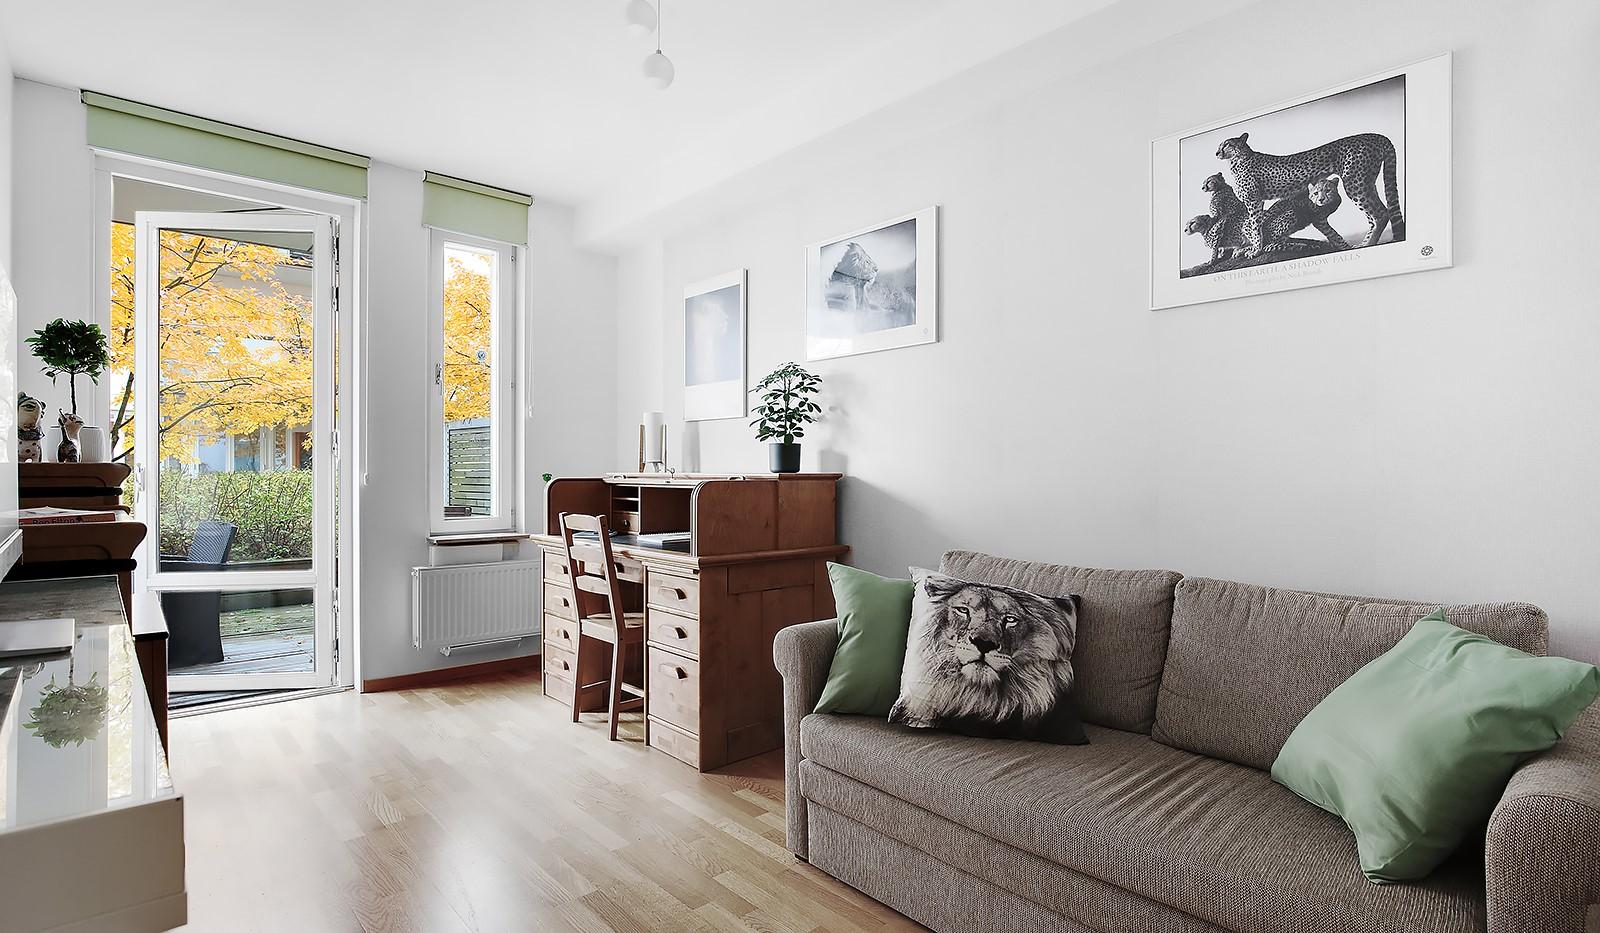 Korphoppsgatan 20 - Trivsamt sovrum med utgång till uteplats